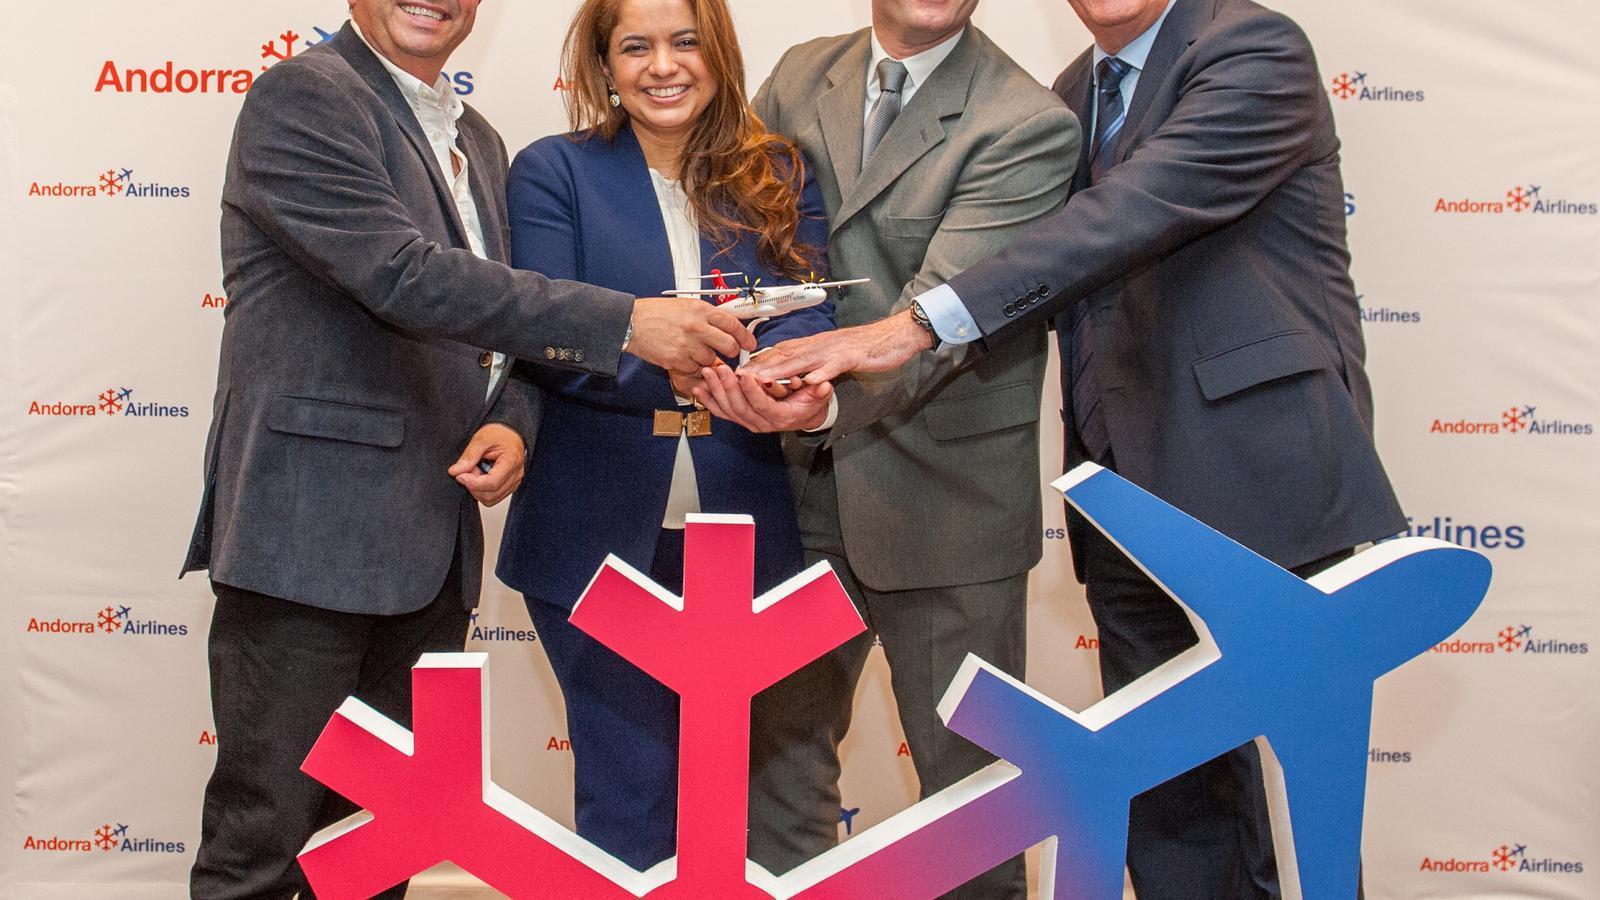 Els promotors de l'aerolínia, Bigas, Oliveira i Soriano amb el cap d'operacions, Carles Collado. /ARA